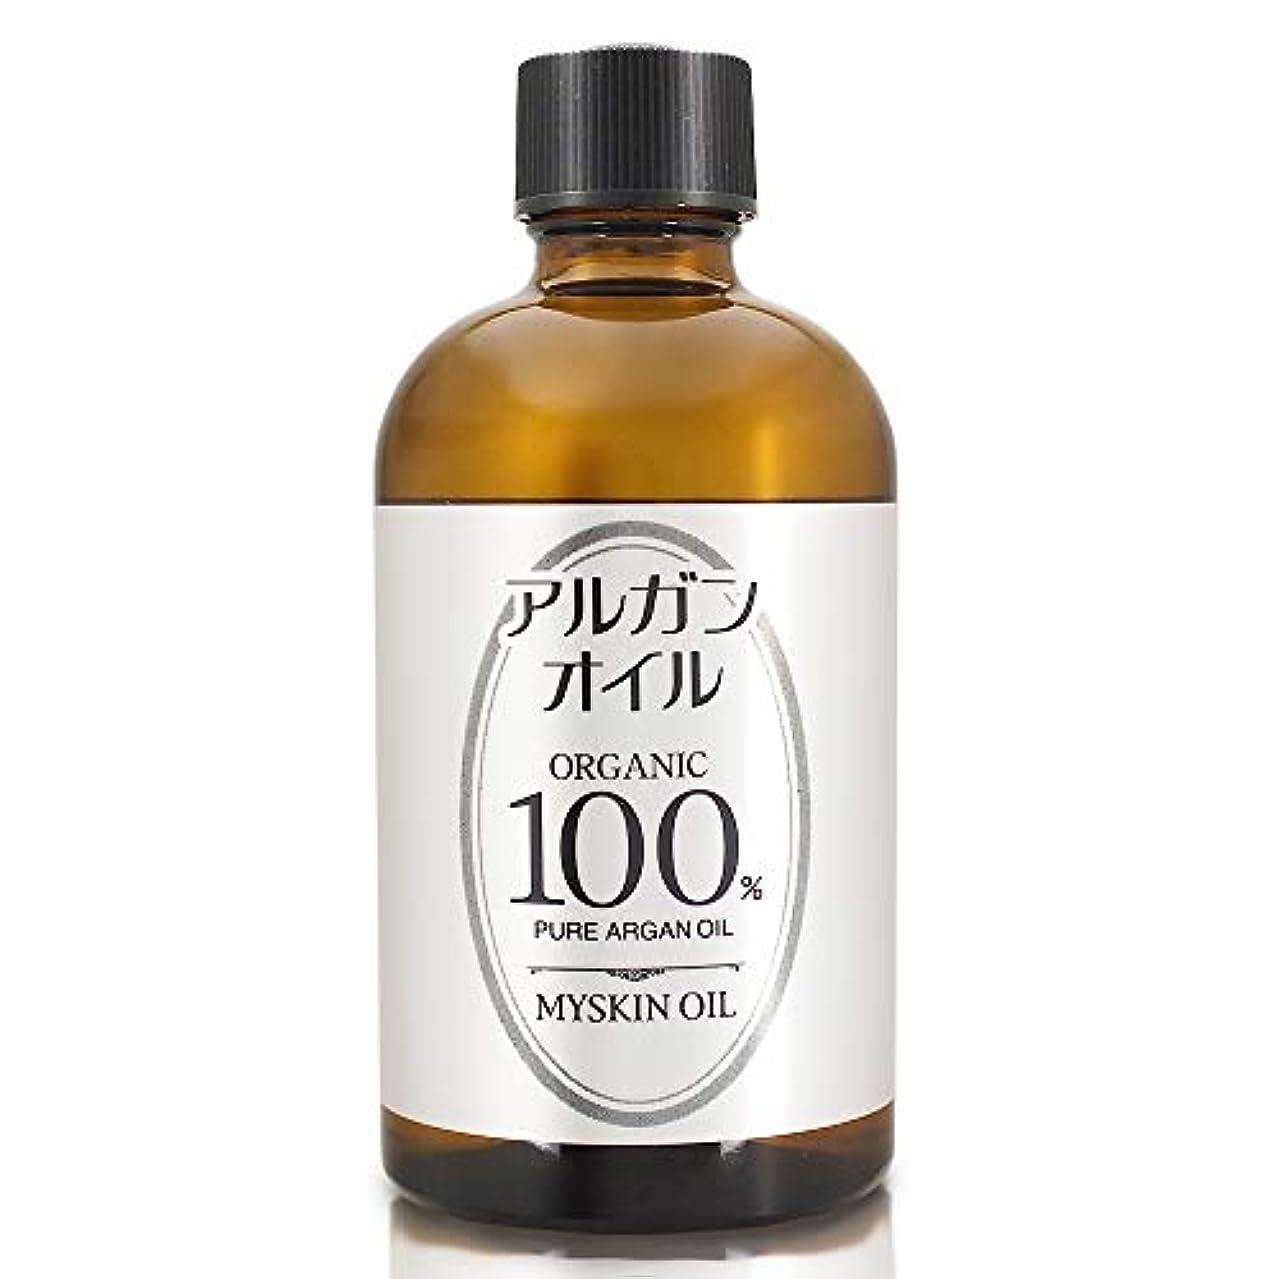 ハウジング化石優れたMYSKIN(マイスキン) アルガンオイル 120ml【無添加】